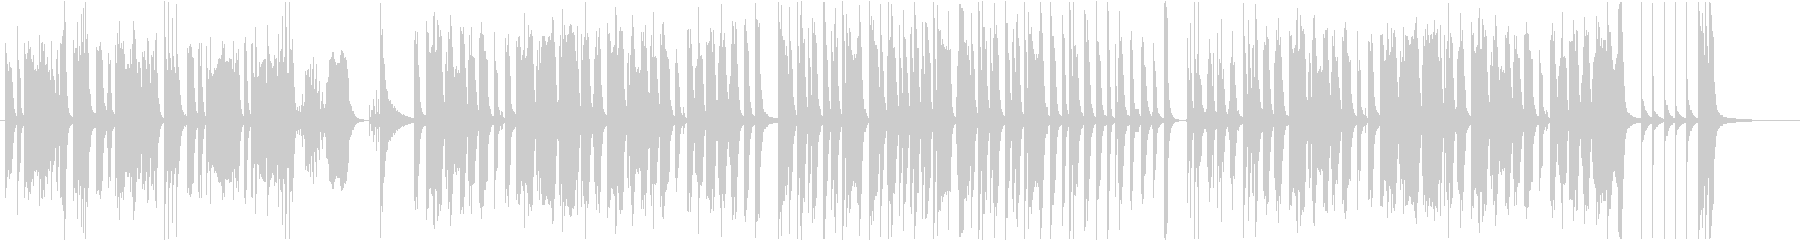 ゆっくり歩く動物をイメージした曲の未再生の波形